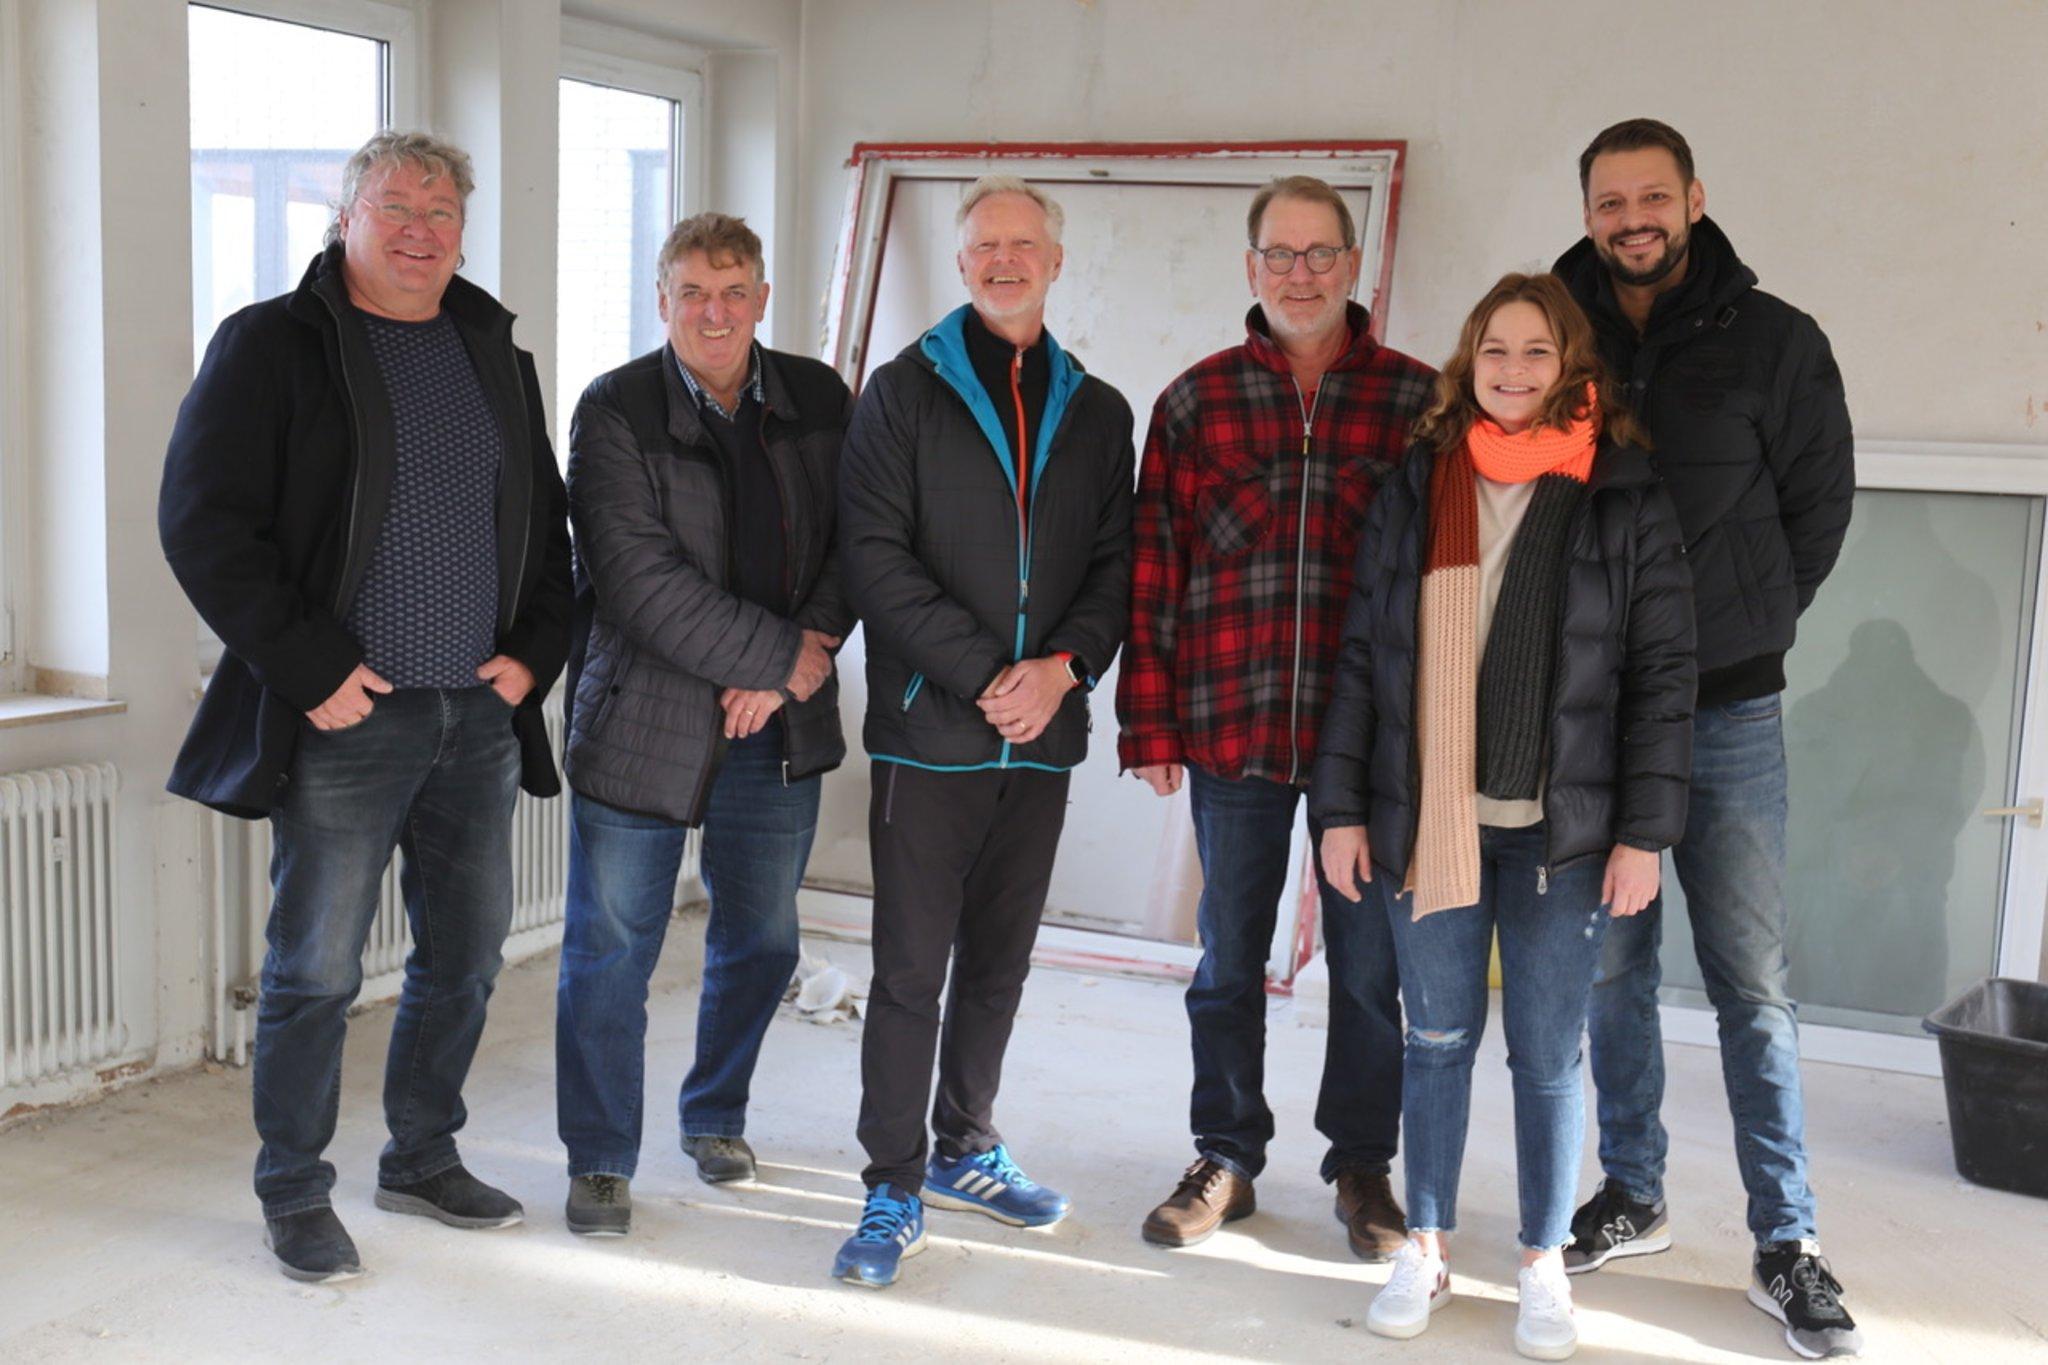 Kooperation der Gesundheitsexperten in Dorsten: Therapiezentrum Lurbiecki und Olymp Sportpark legen ihr Trainingszentrum zusammen - Dorsten - Lokalkompass.de